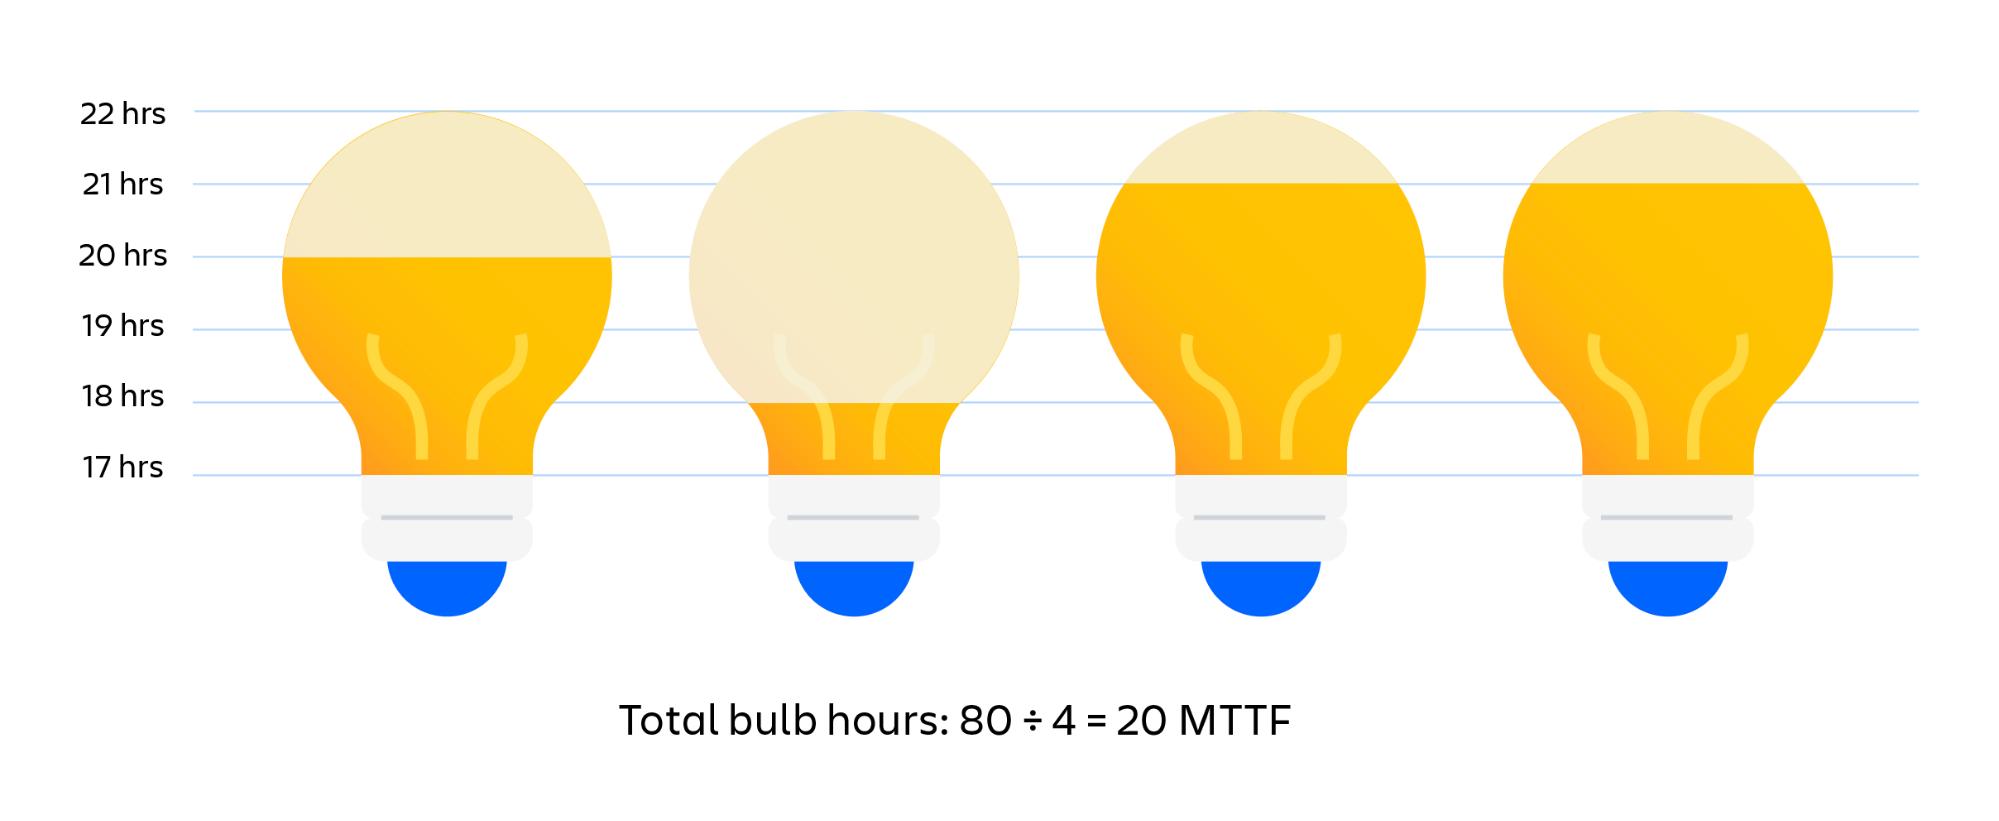 Visuelles Beispiel für die Ermittlung der MTTF von Glühbirnen. Gesamte Leuchtdauer der Glühbirne geteilt durch die Anzahl der Glühbirnen entspricht der MTTF (Betriebsdauer bis zum Ausfall).